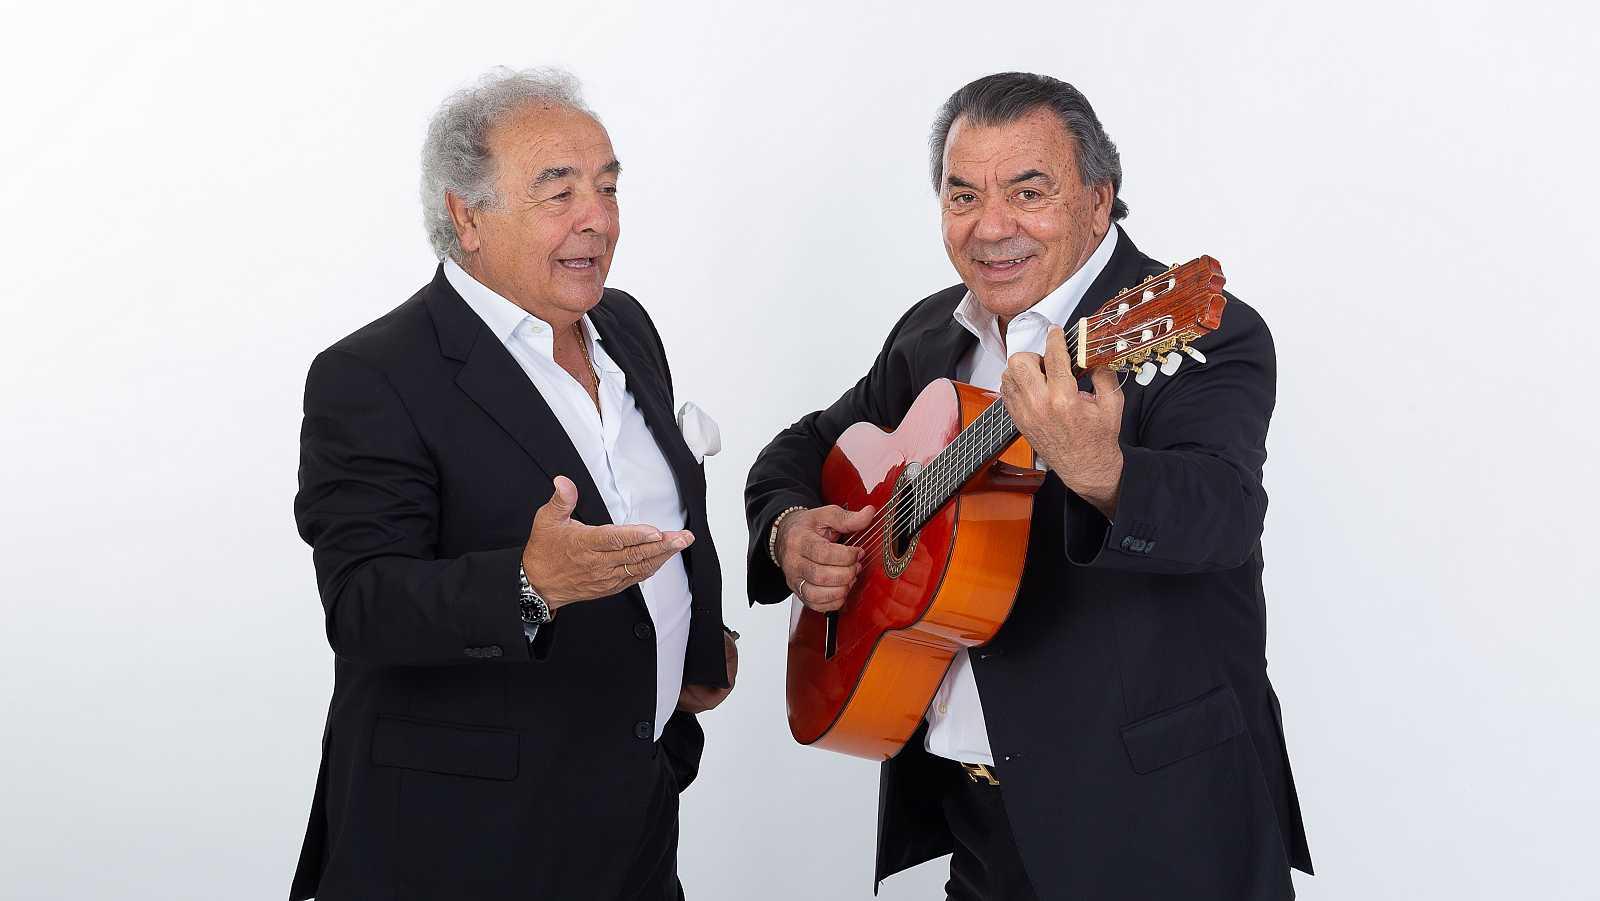 Los del Río en 'La mejor canción jamás cantada'